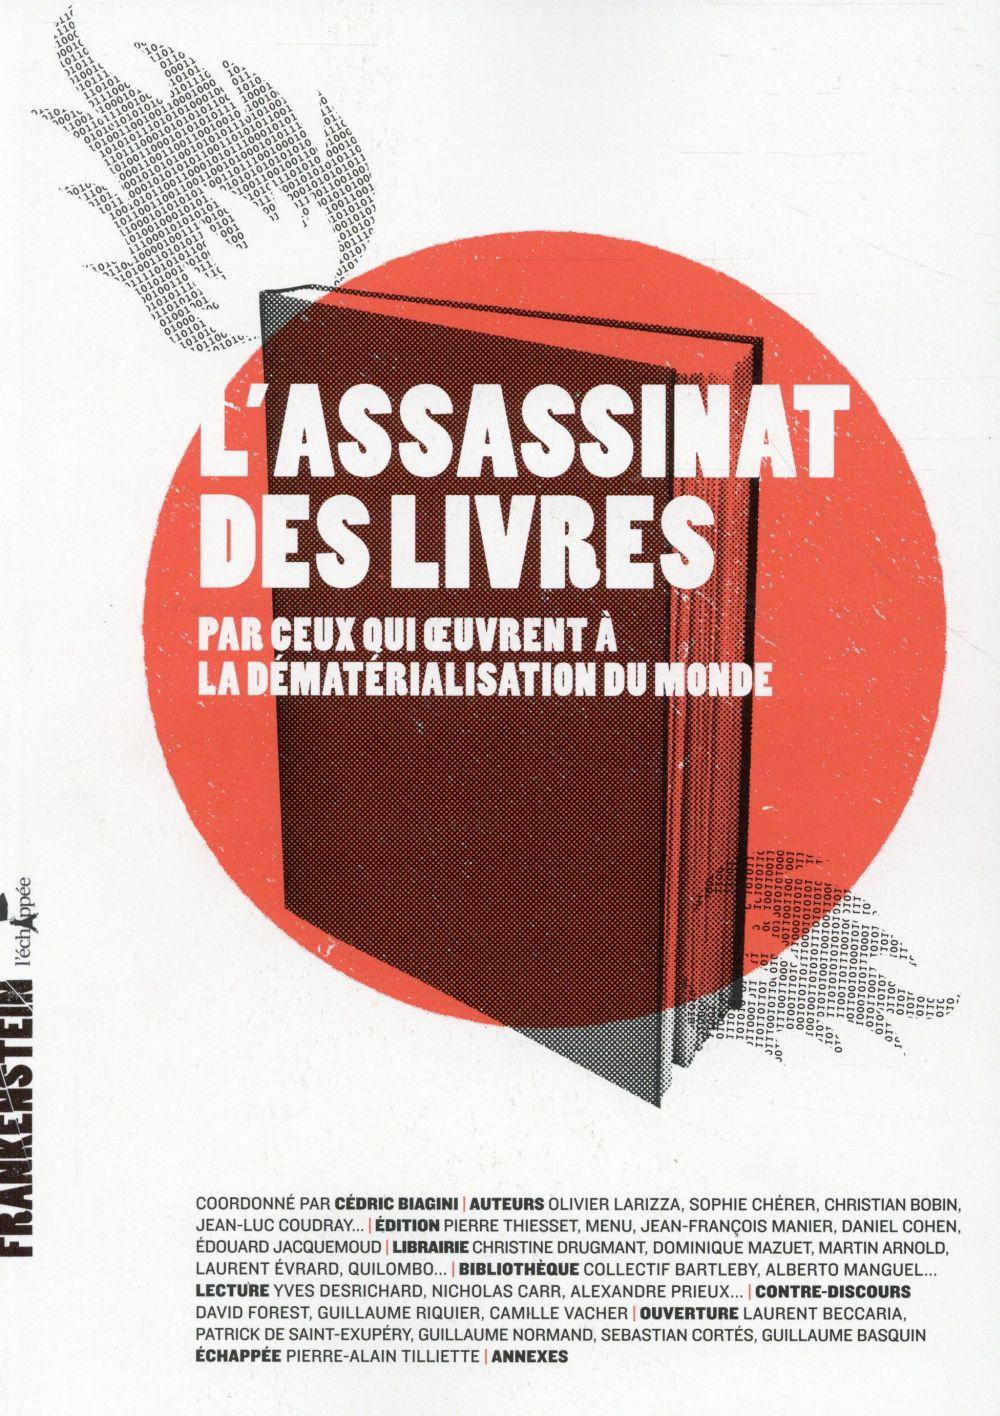 L'assassinat des livres par ceux qui oeuvrent à la dématérialisation du monde